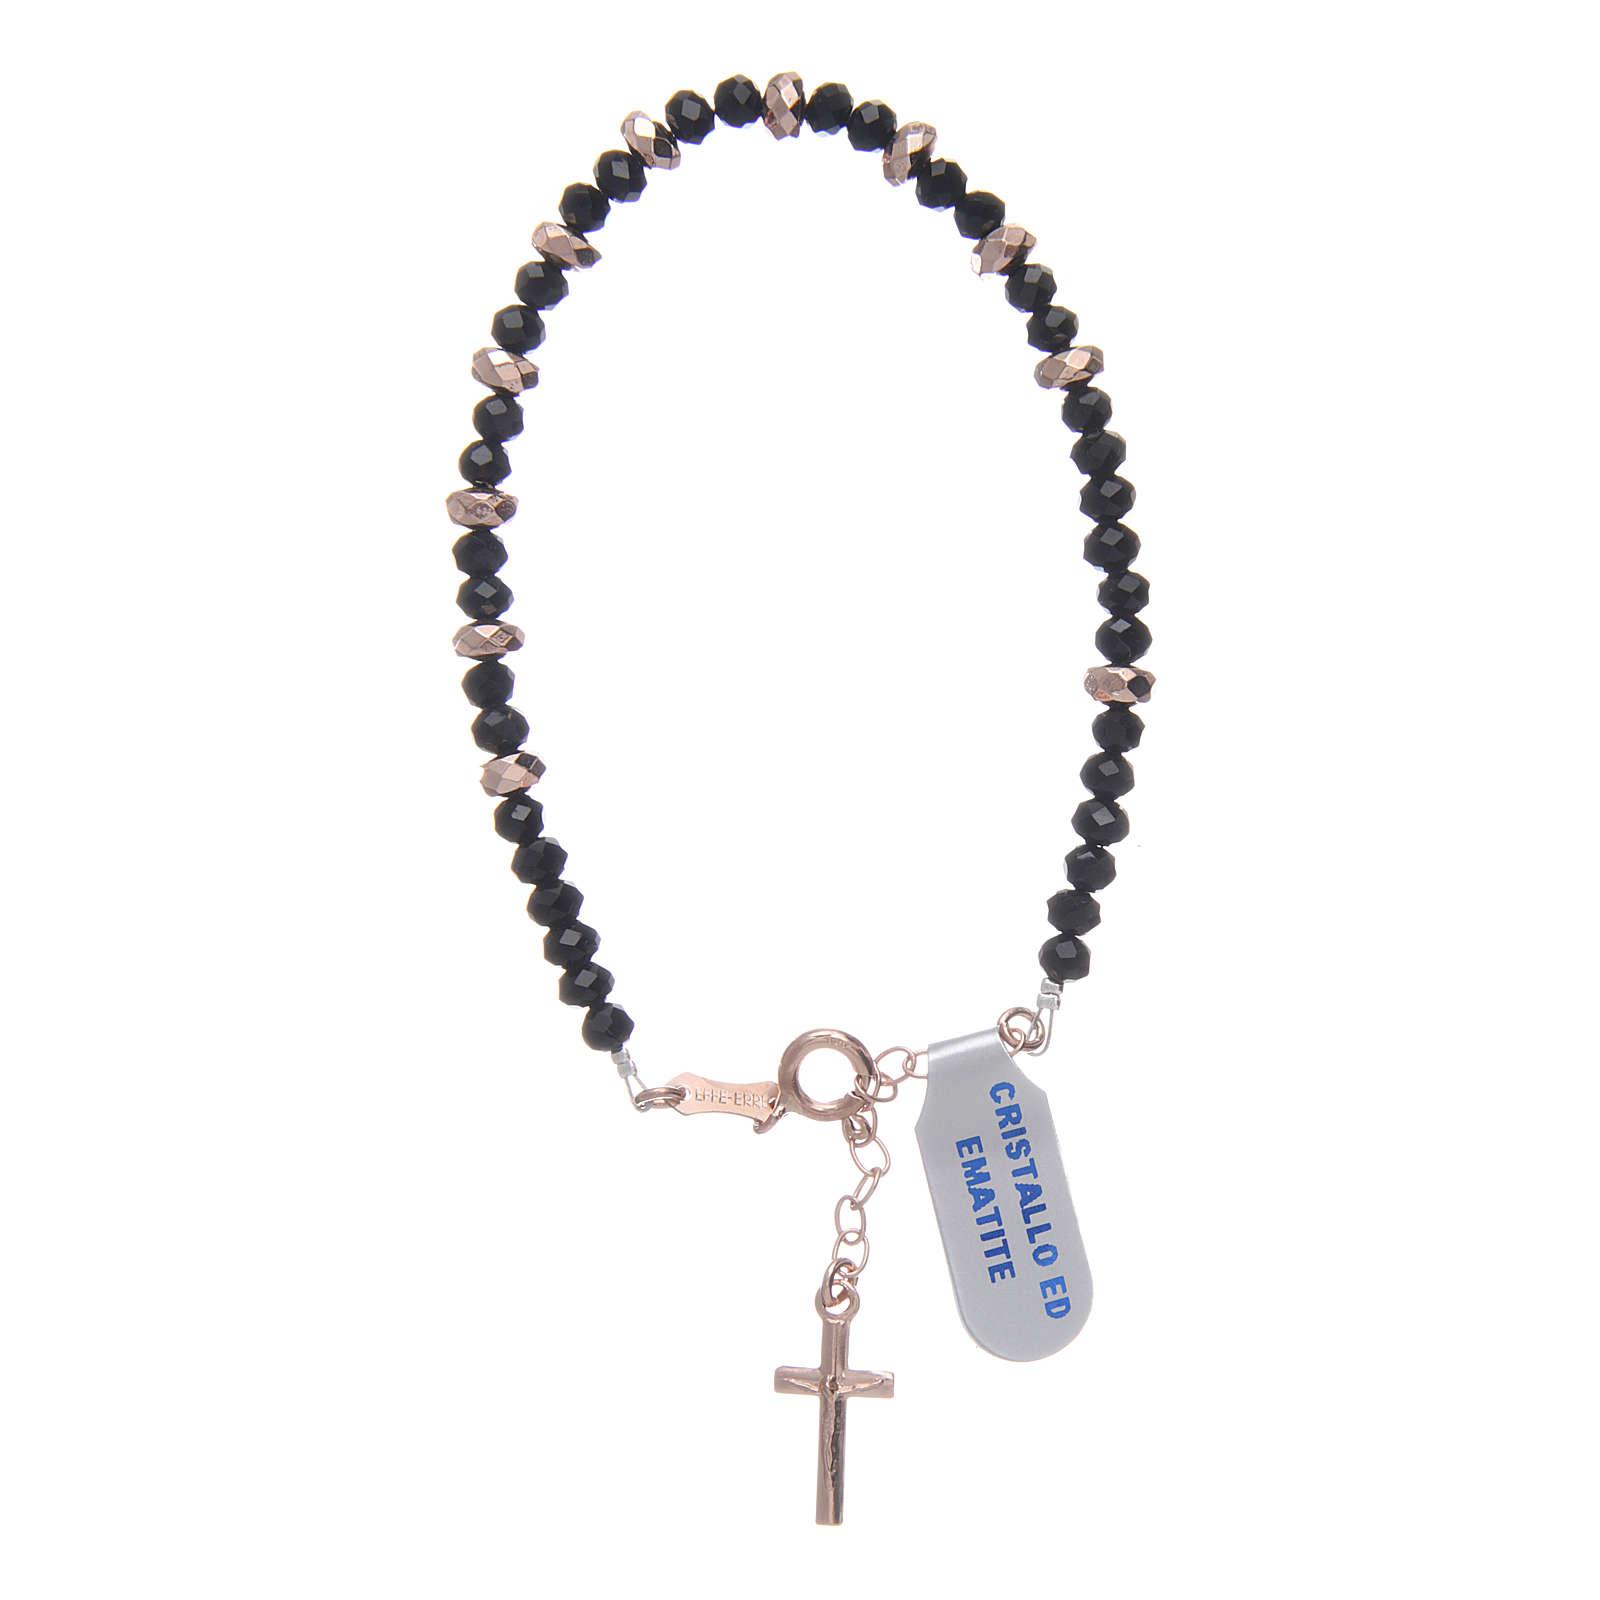 Bracciale rosario argento 925 cavetto cristallo nero cipollina e rondelle ematite rosé 4